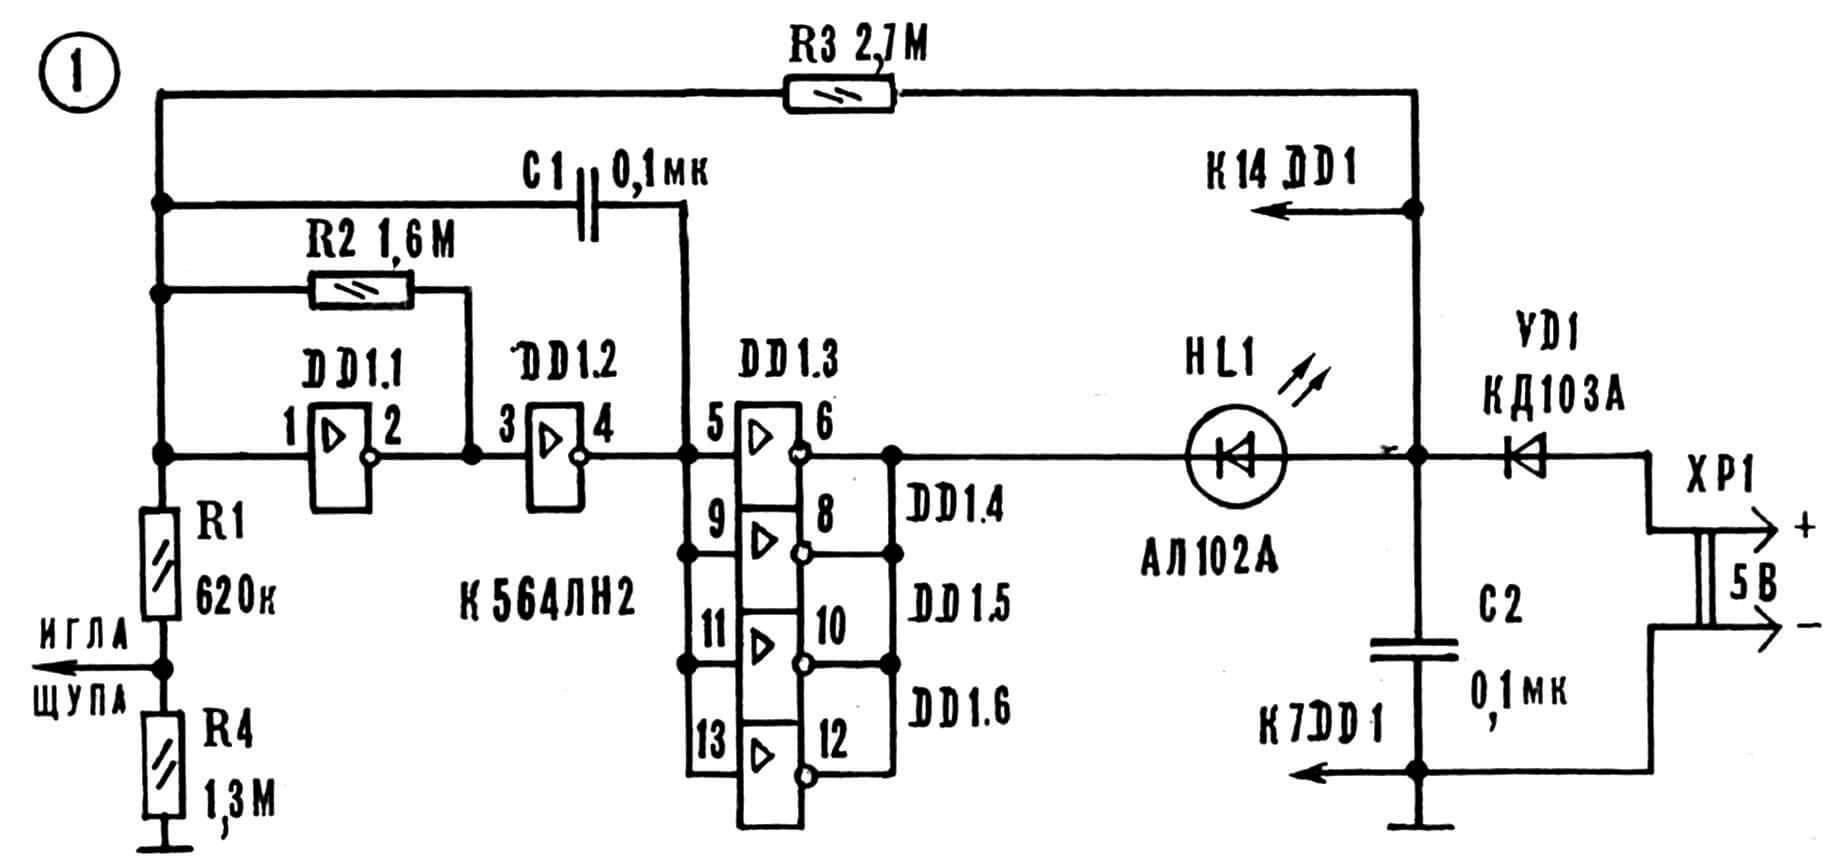 Принципиальная электрическая схема логического пробника.